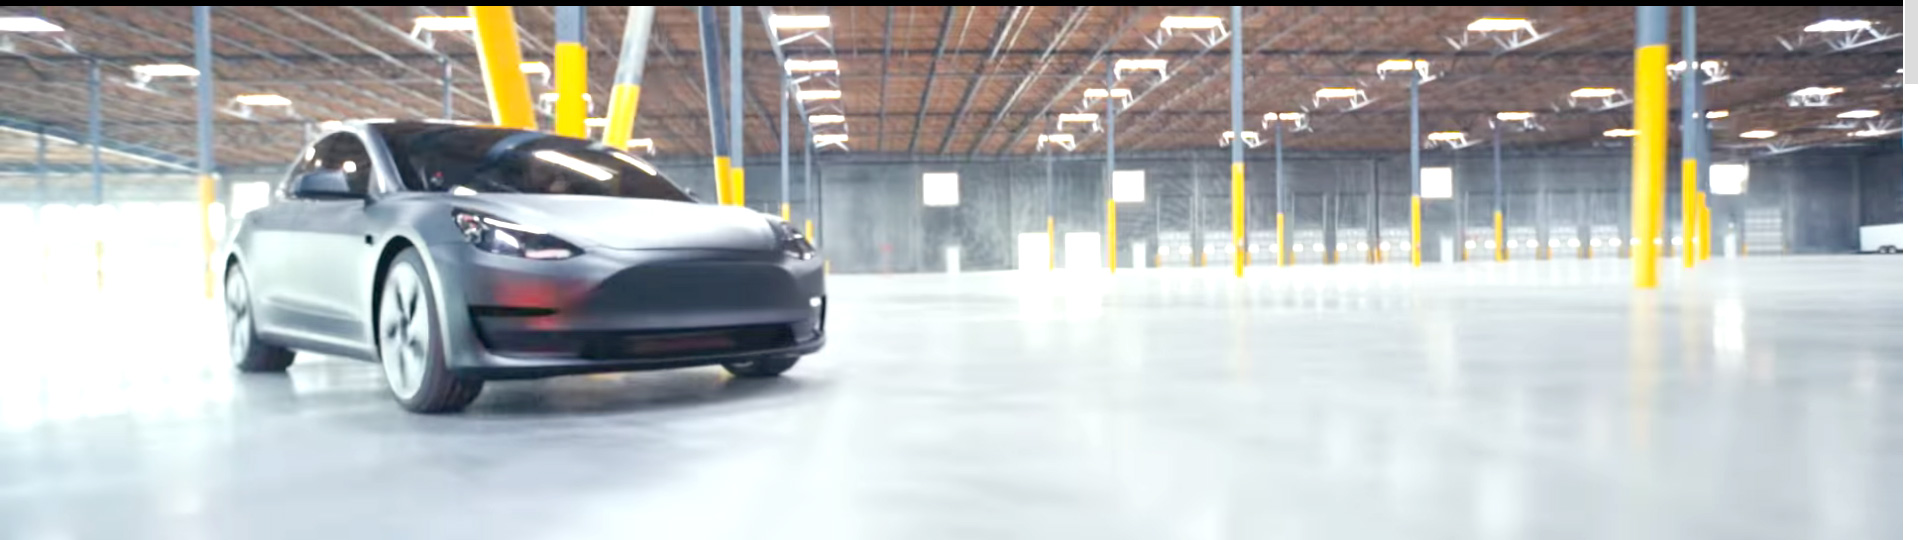 Matte Gray Tesla Model 3 in Tesla 2018 video